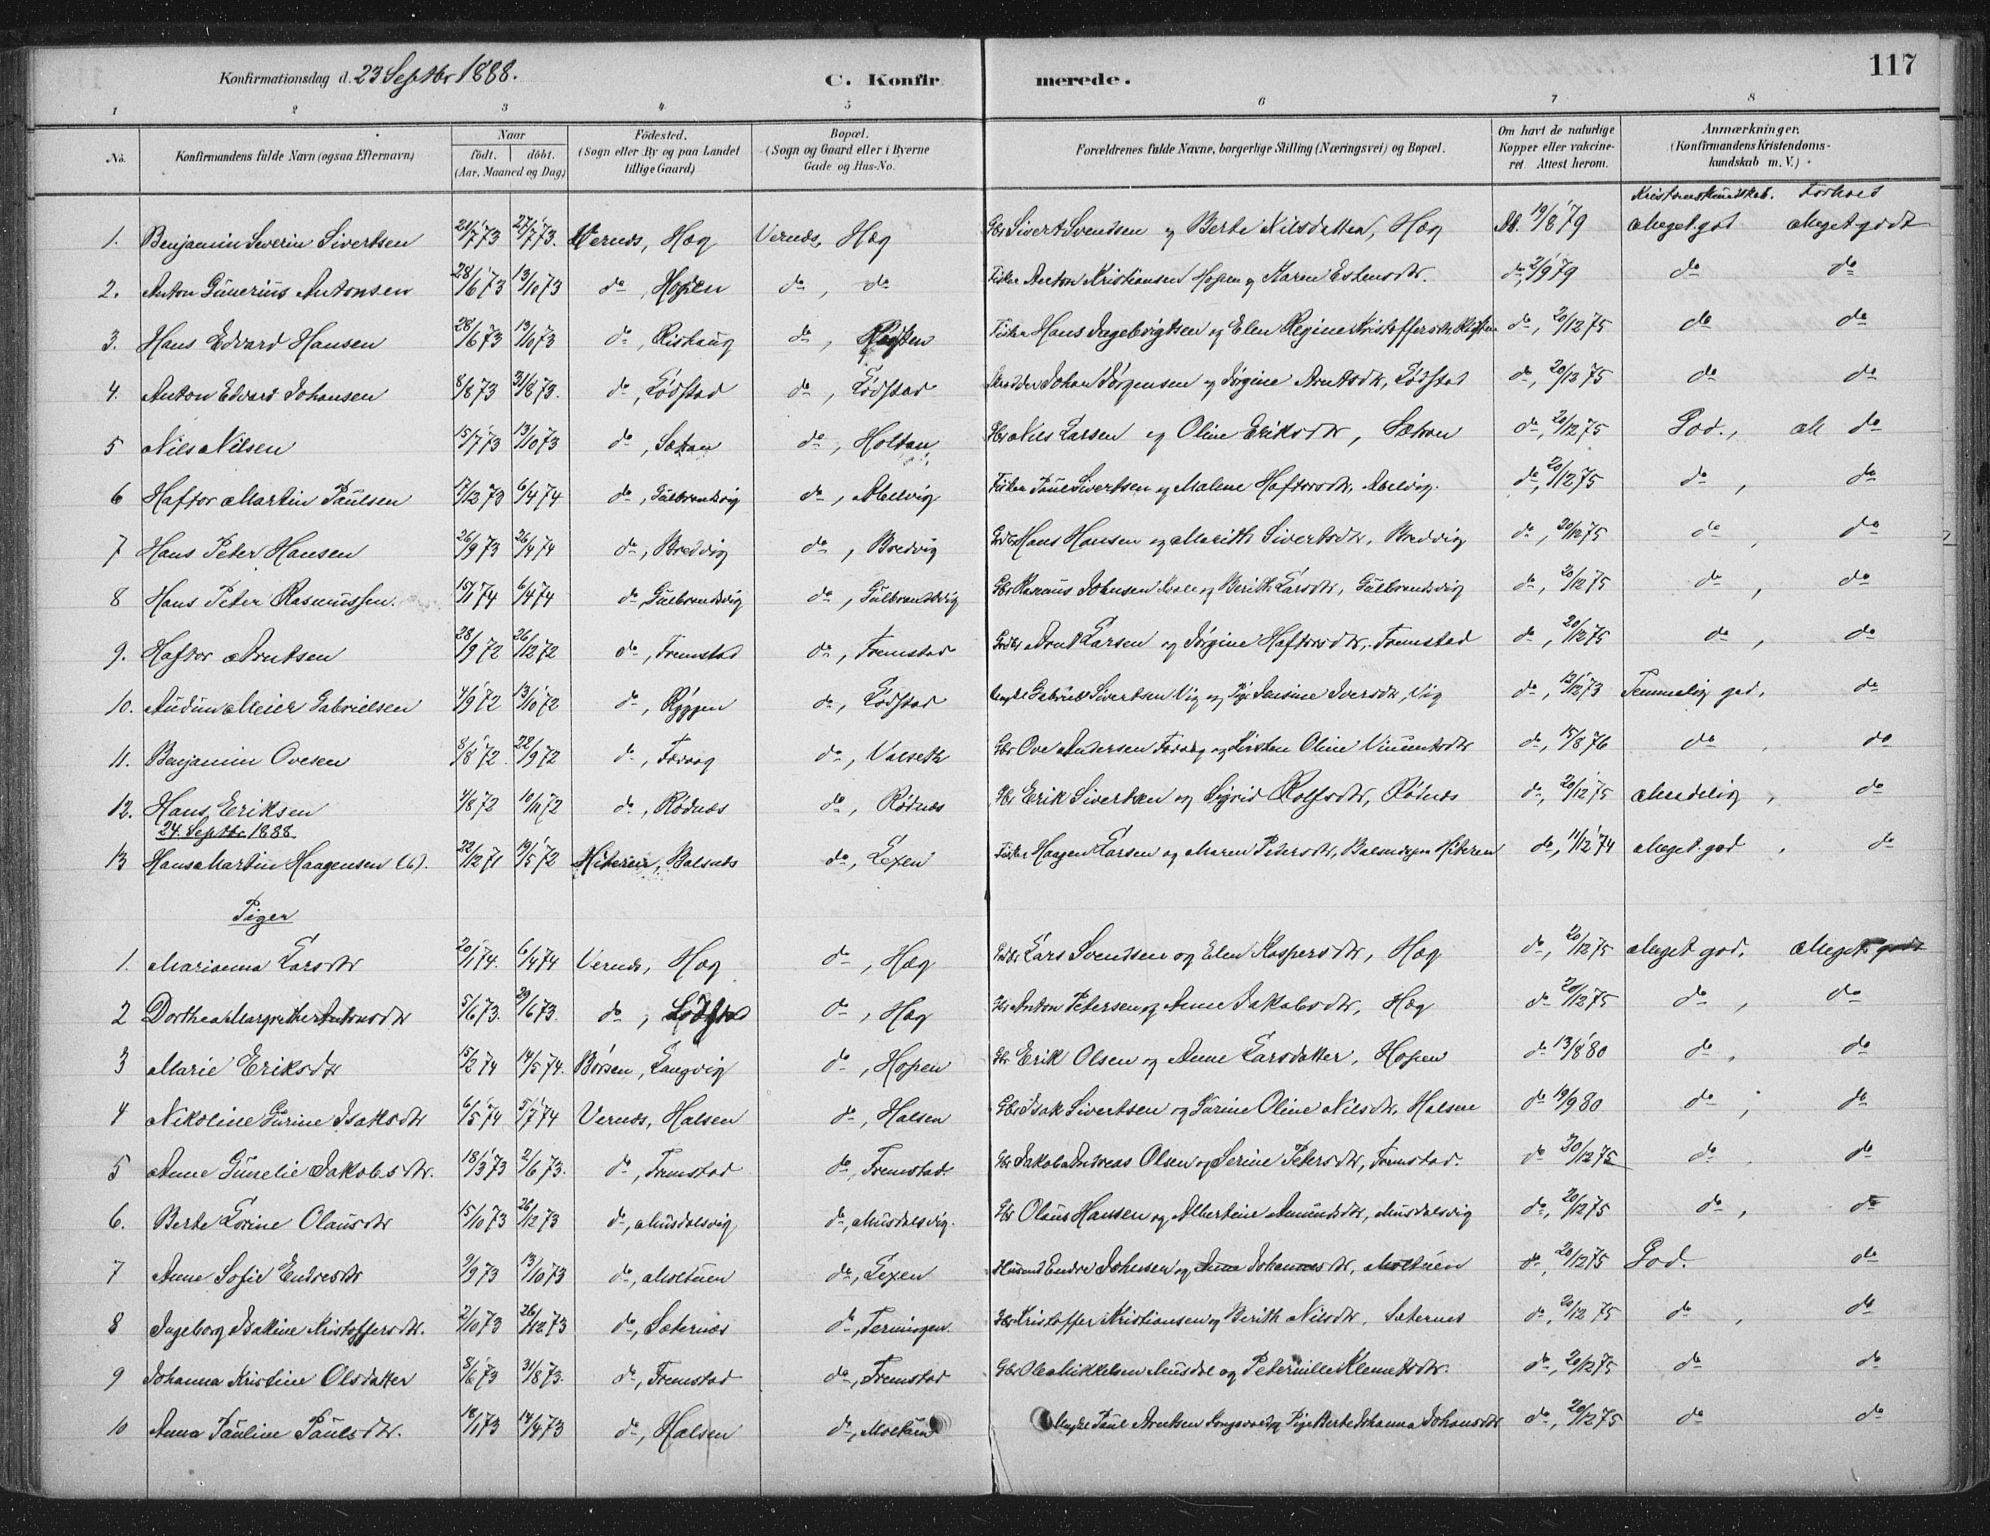 SAT, Ministerialprotokoller, klokkerbøker og fødselsregistre - Sør-Trøndelag, 662/L0755: Ministerialbok nr. 662A01, 1879-1905, s. 117